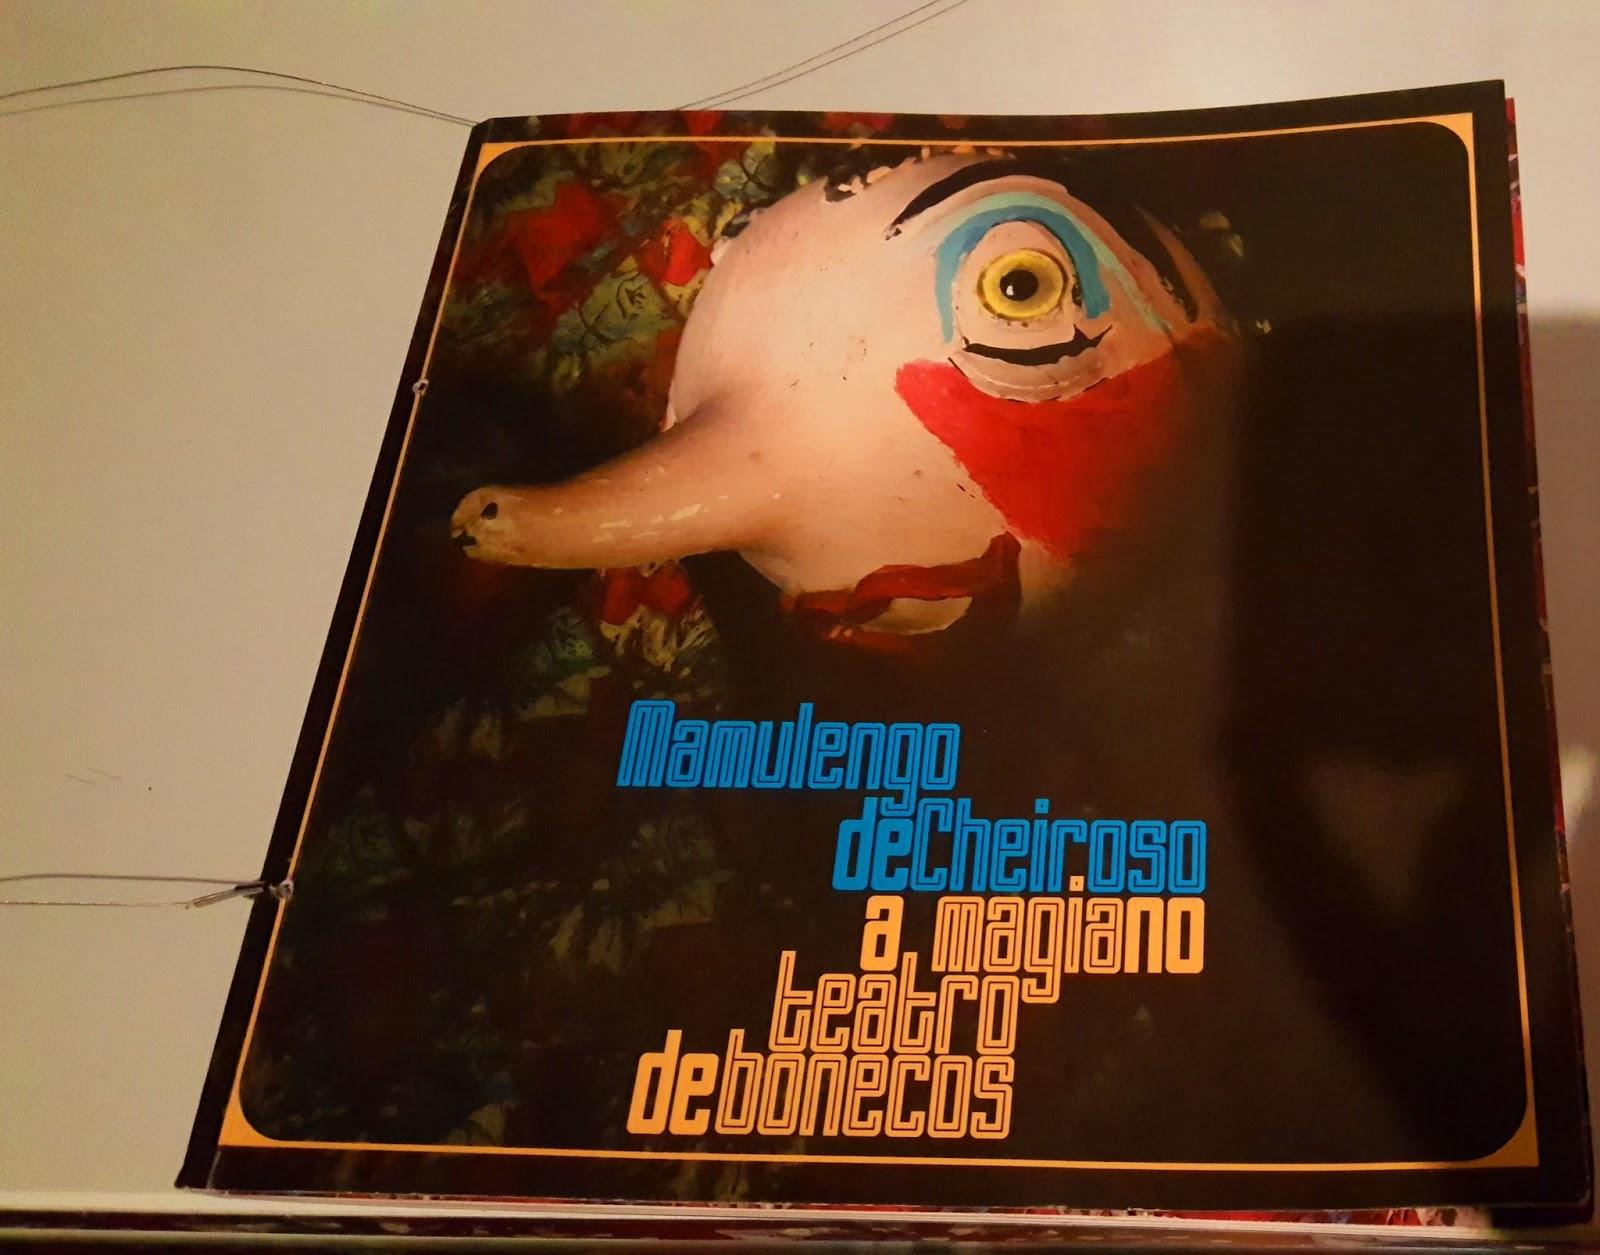 Mamulengo de Cheiroso Aracaju